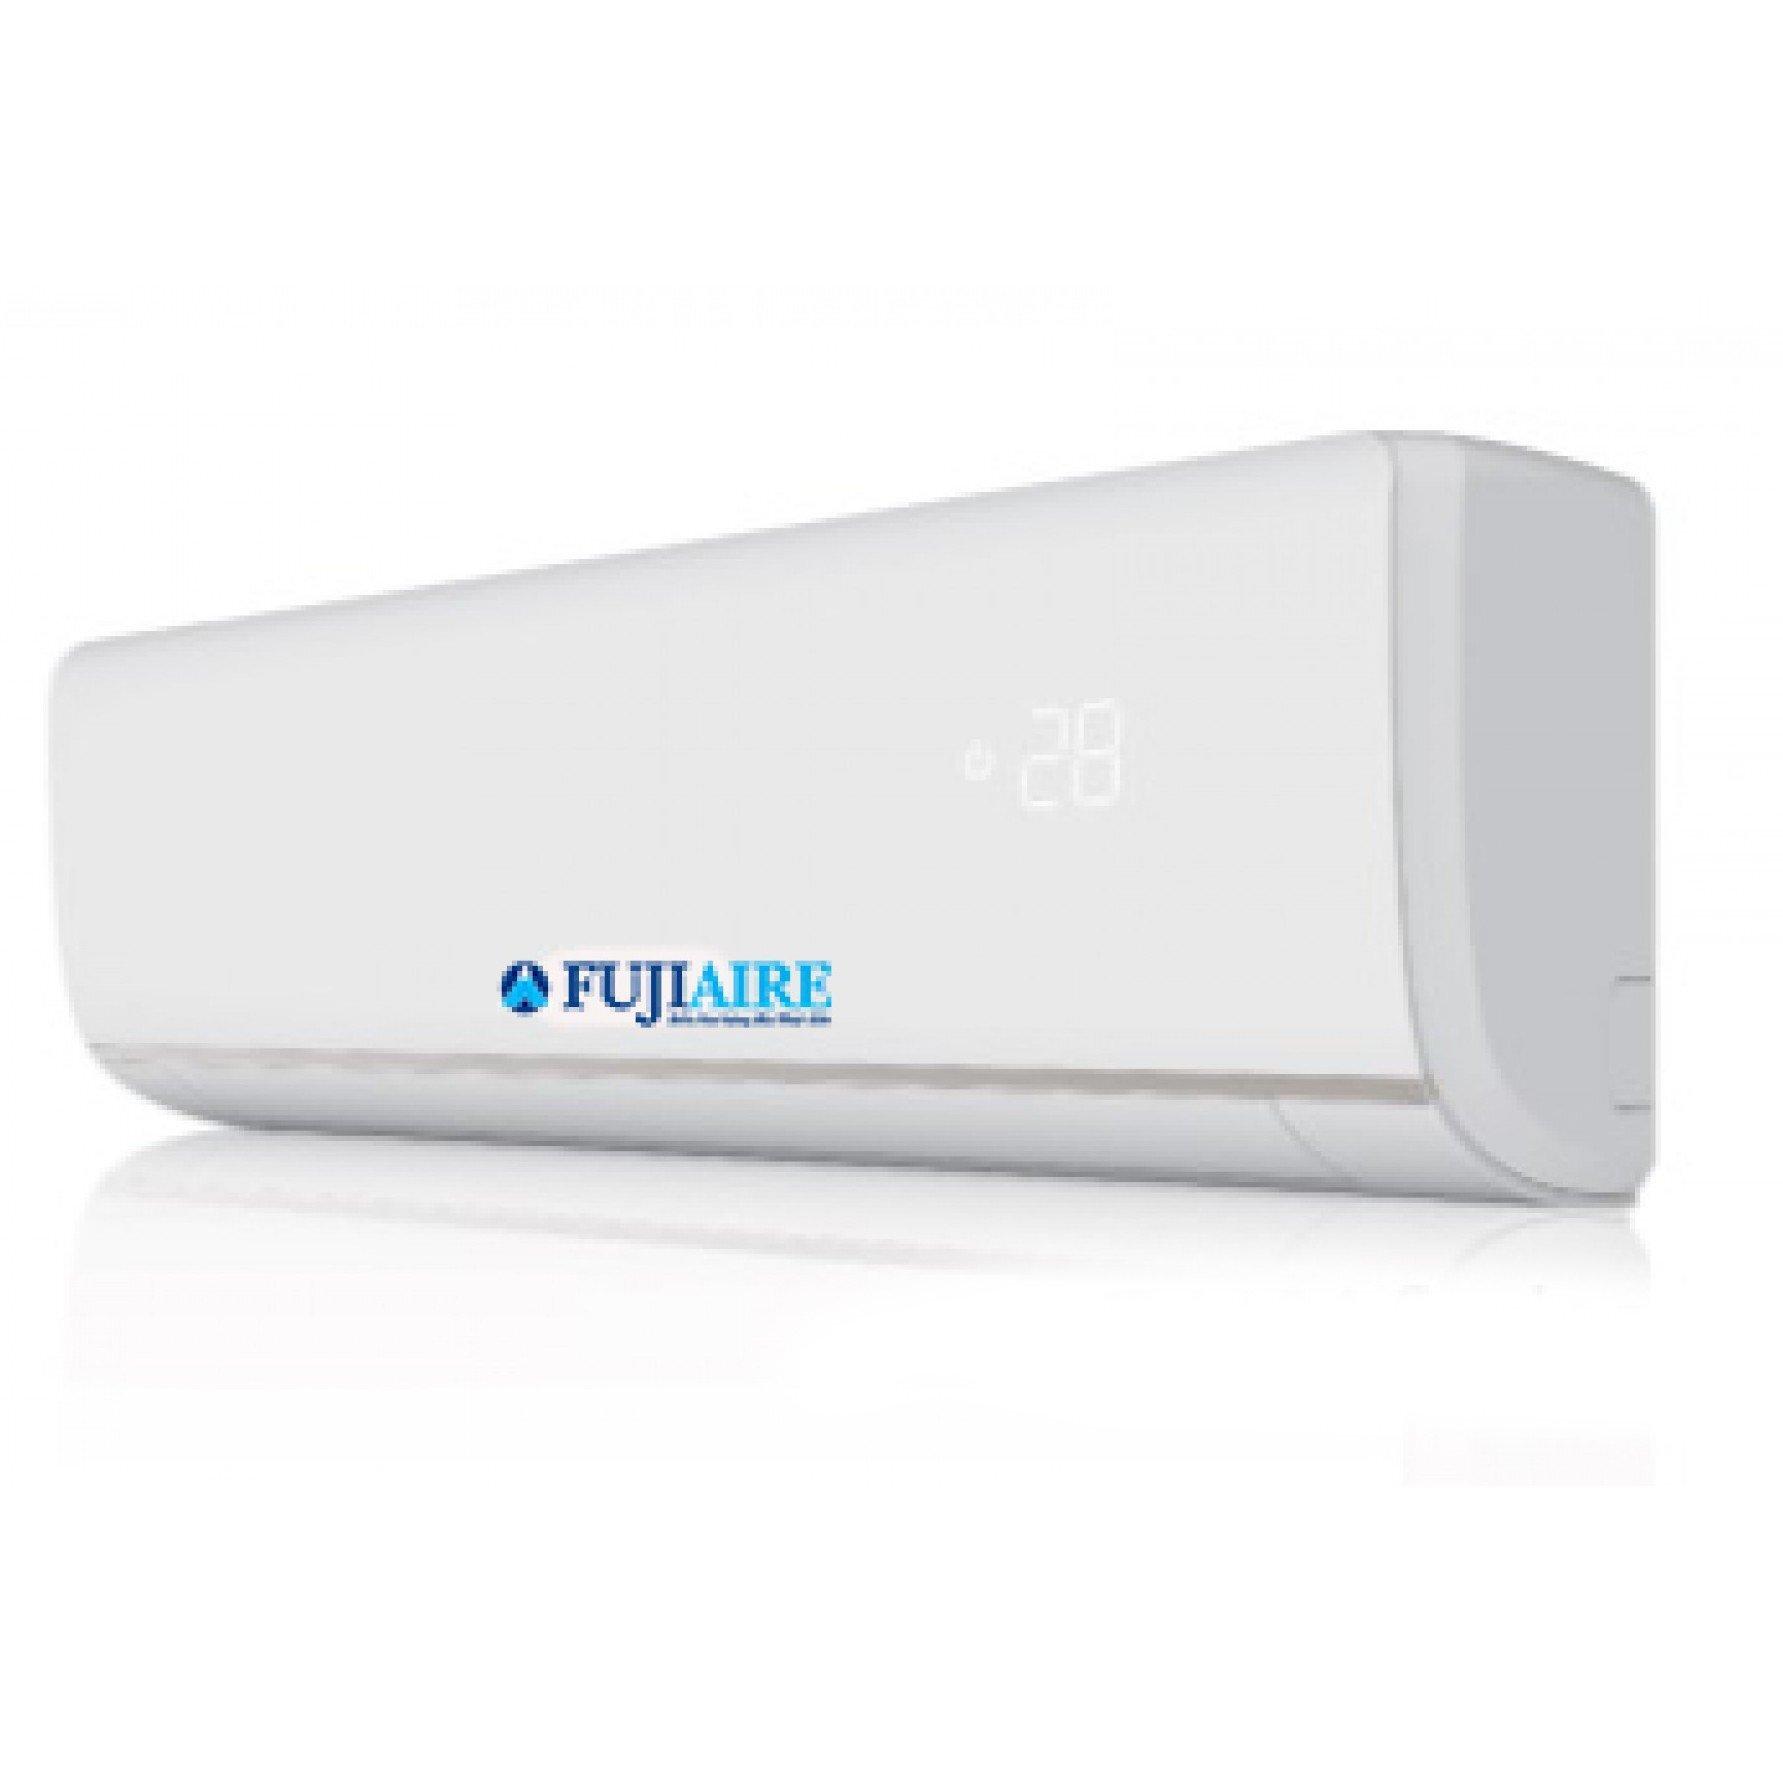 Điều hòa - Máy lạnh FujiaireFW20H9L-2A1N - 18000btu,2 chiều